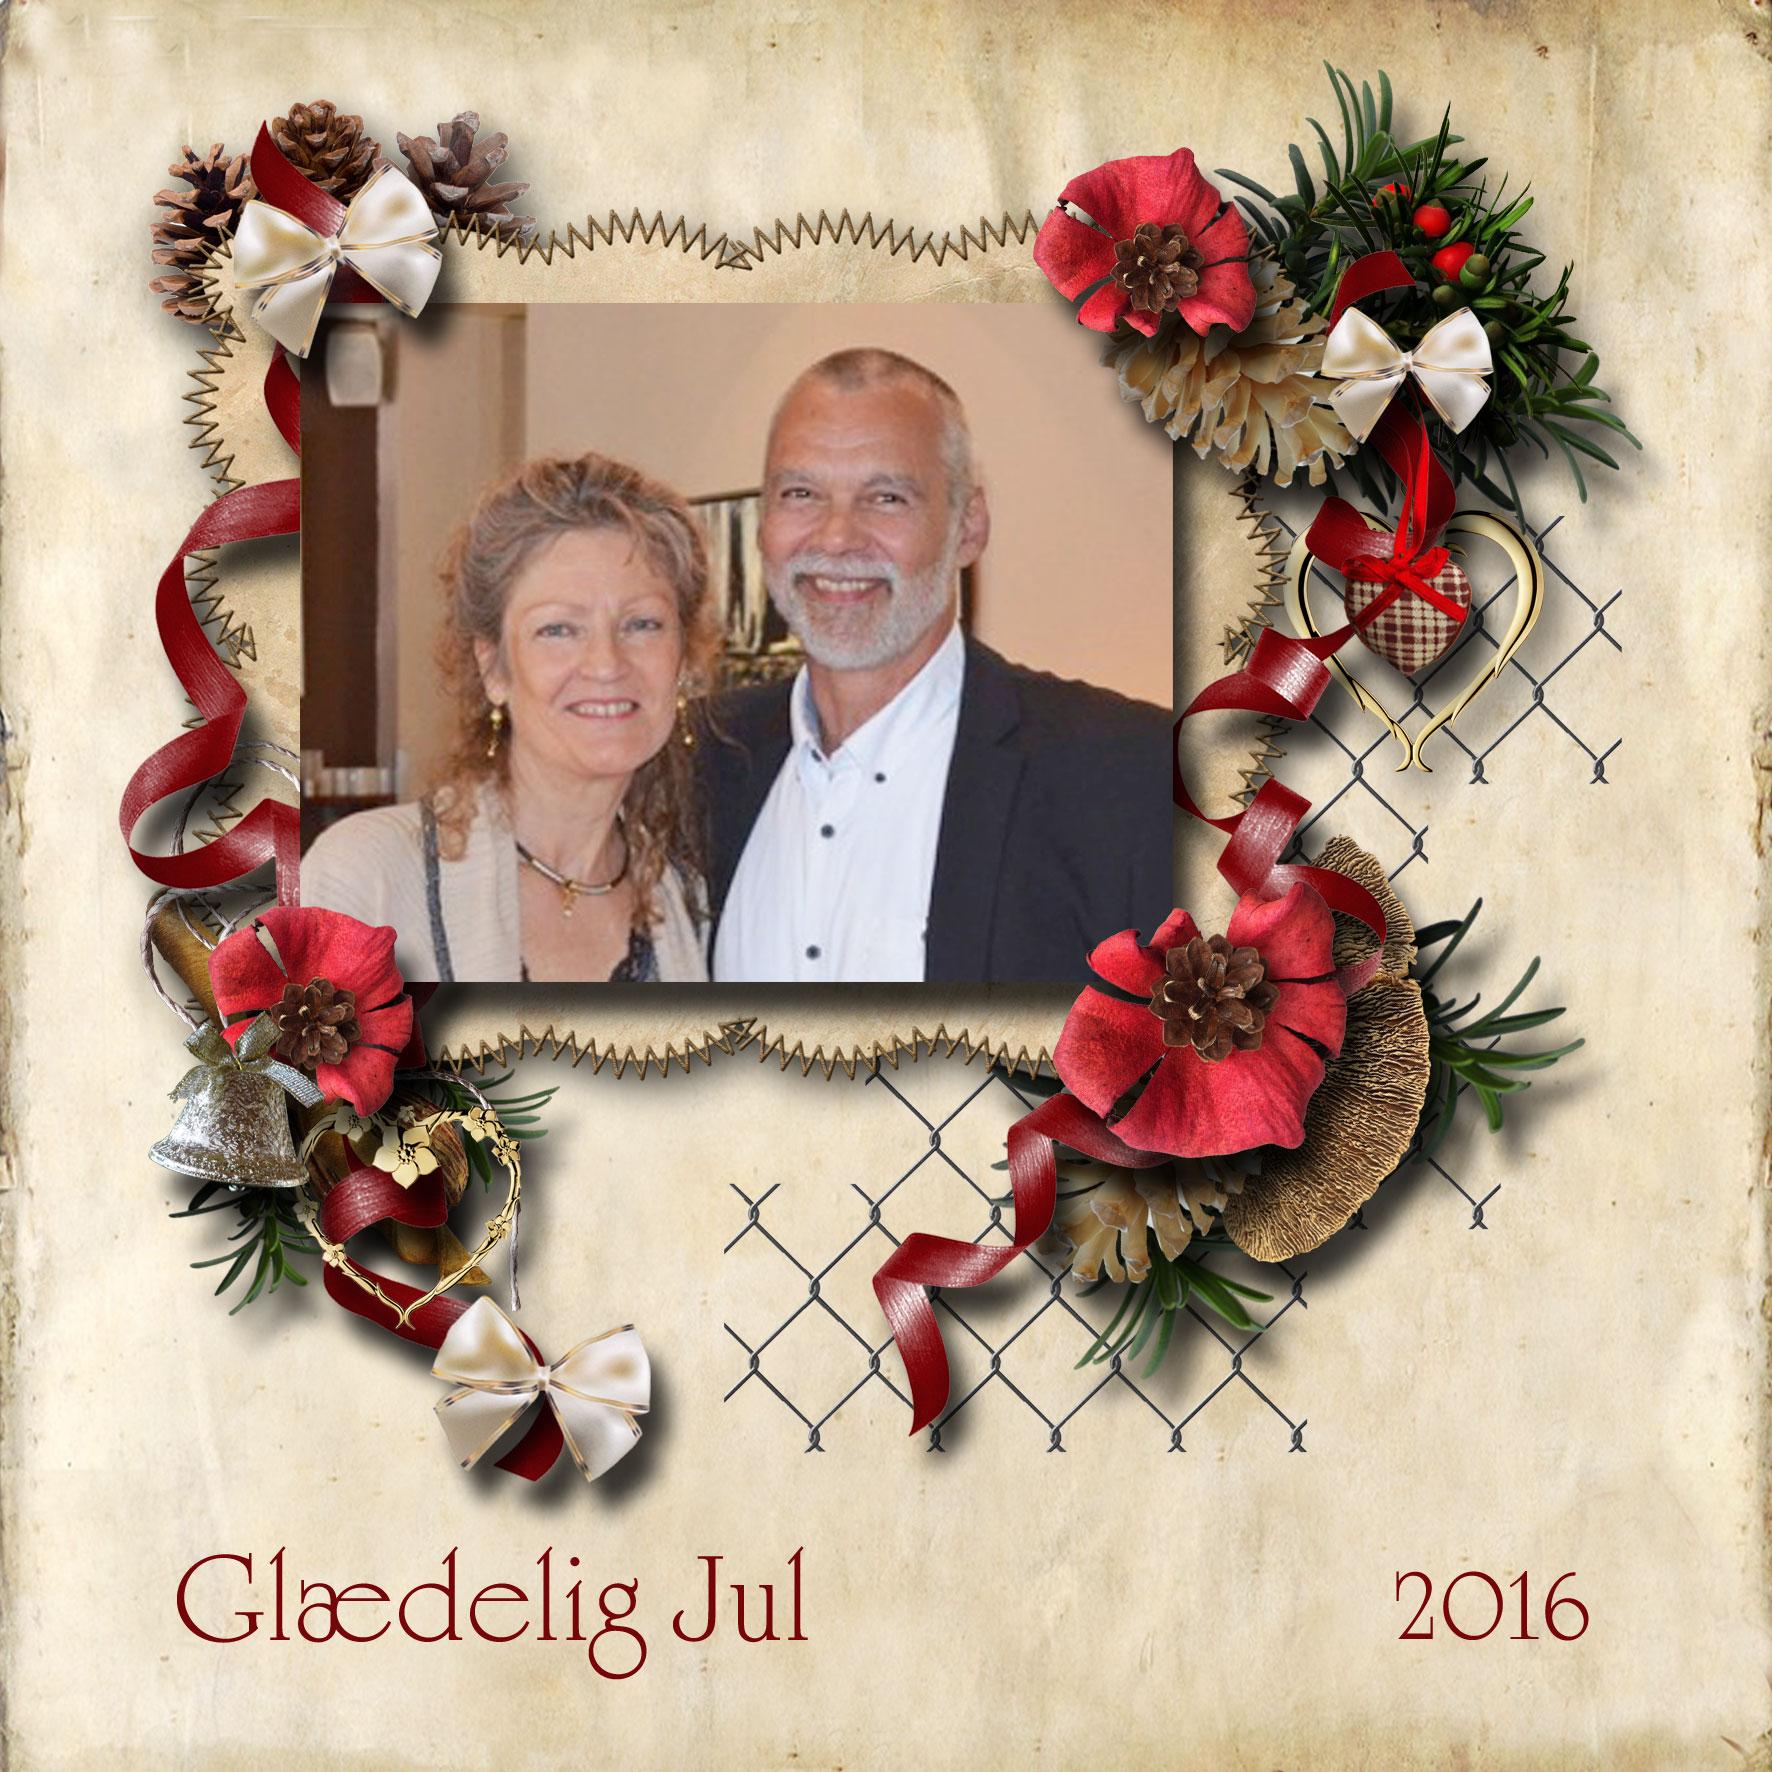 Julekortet 2016